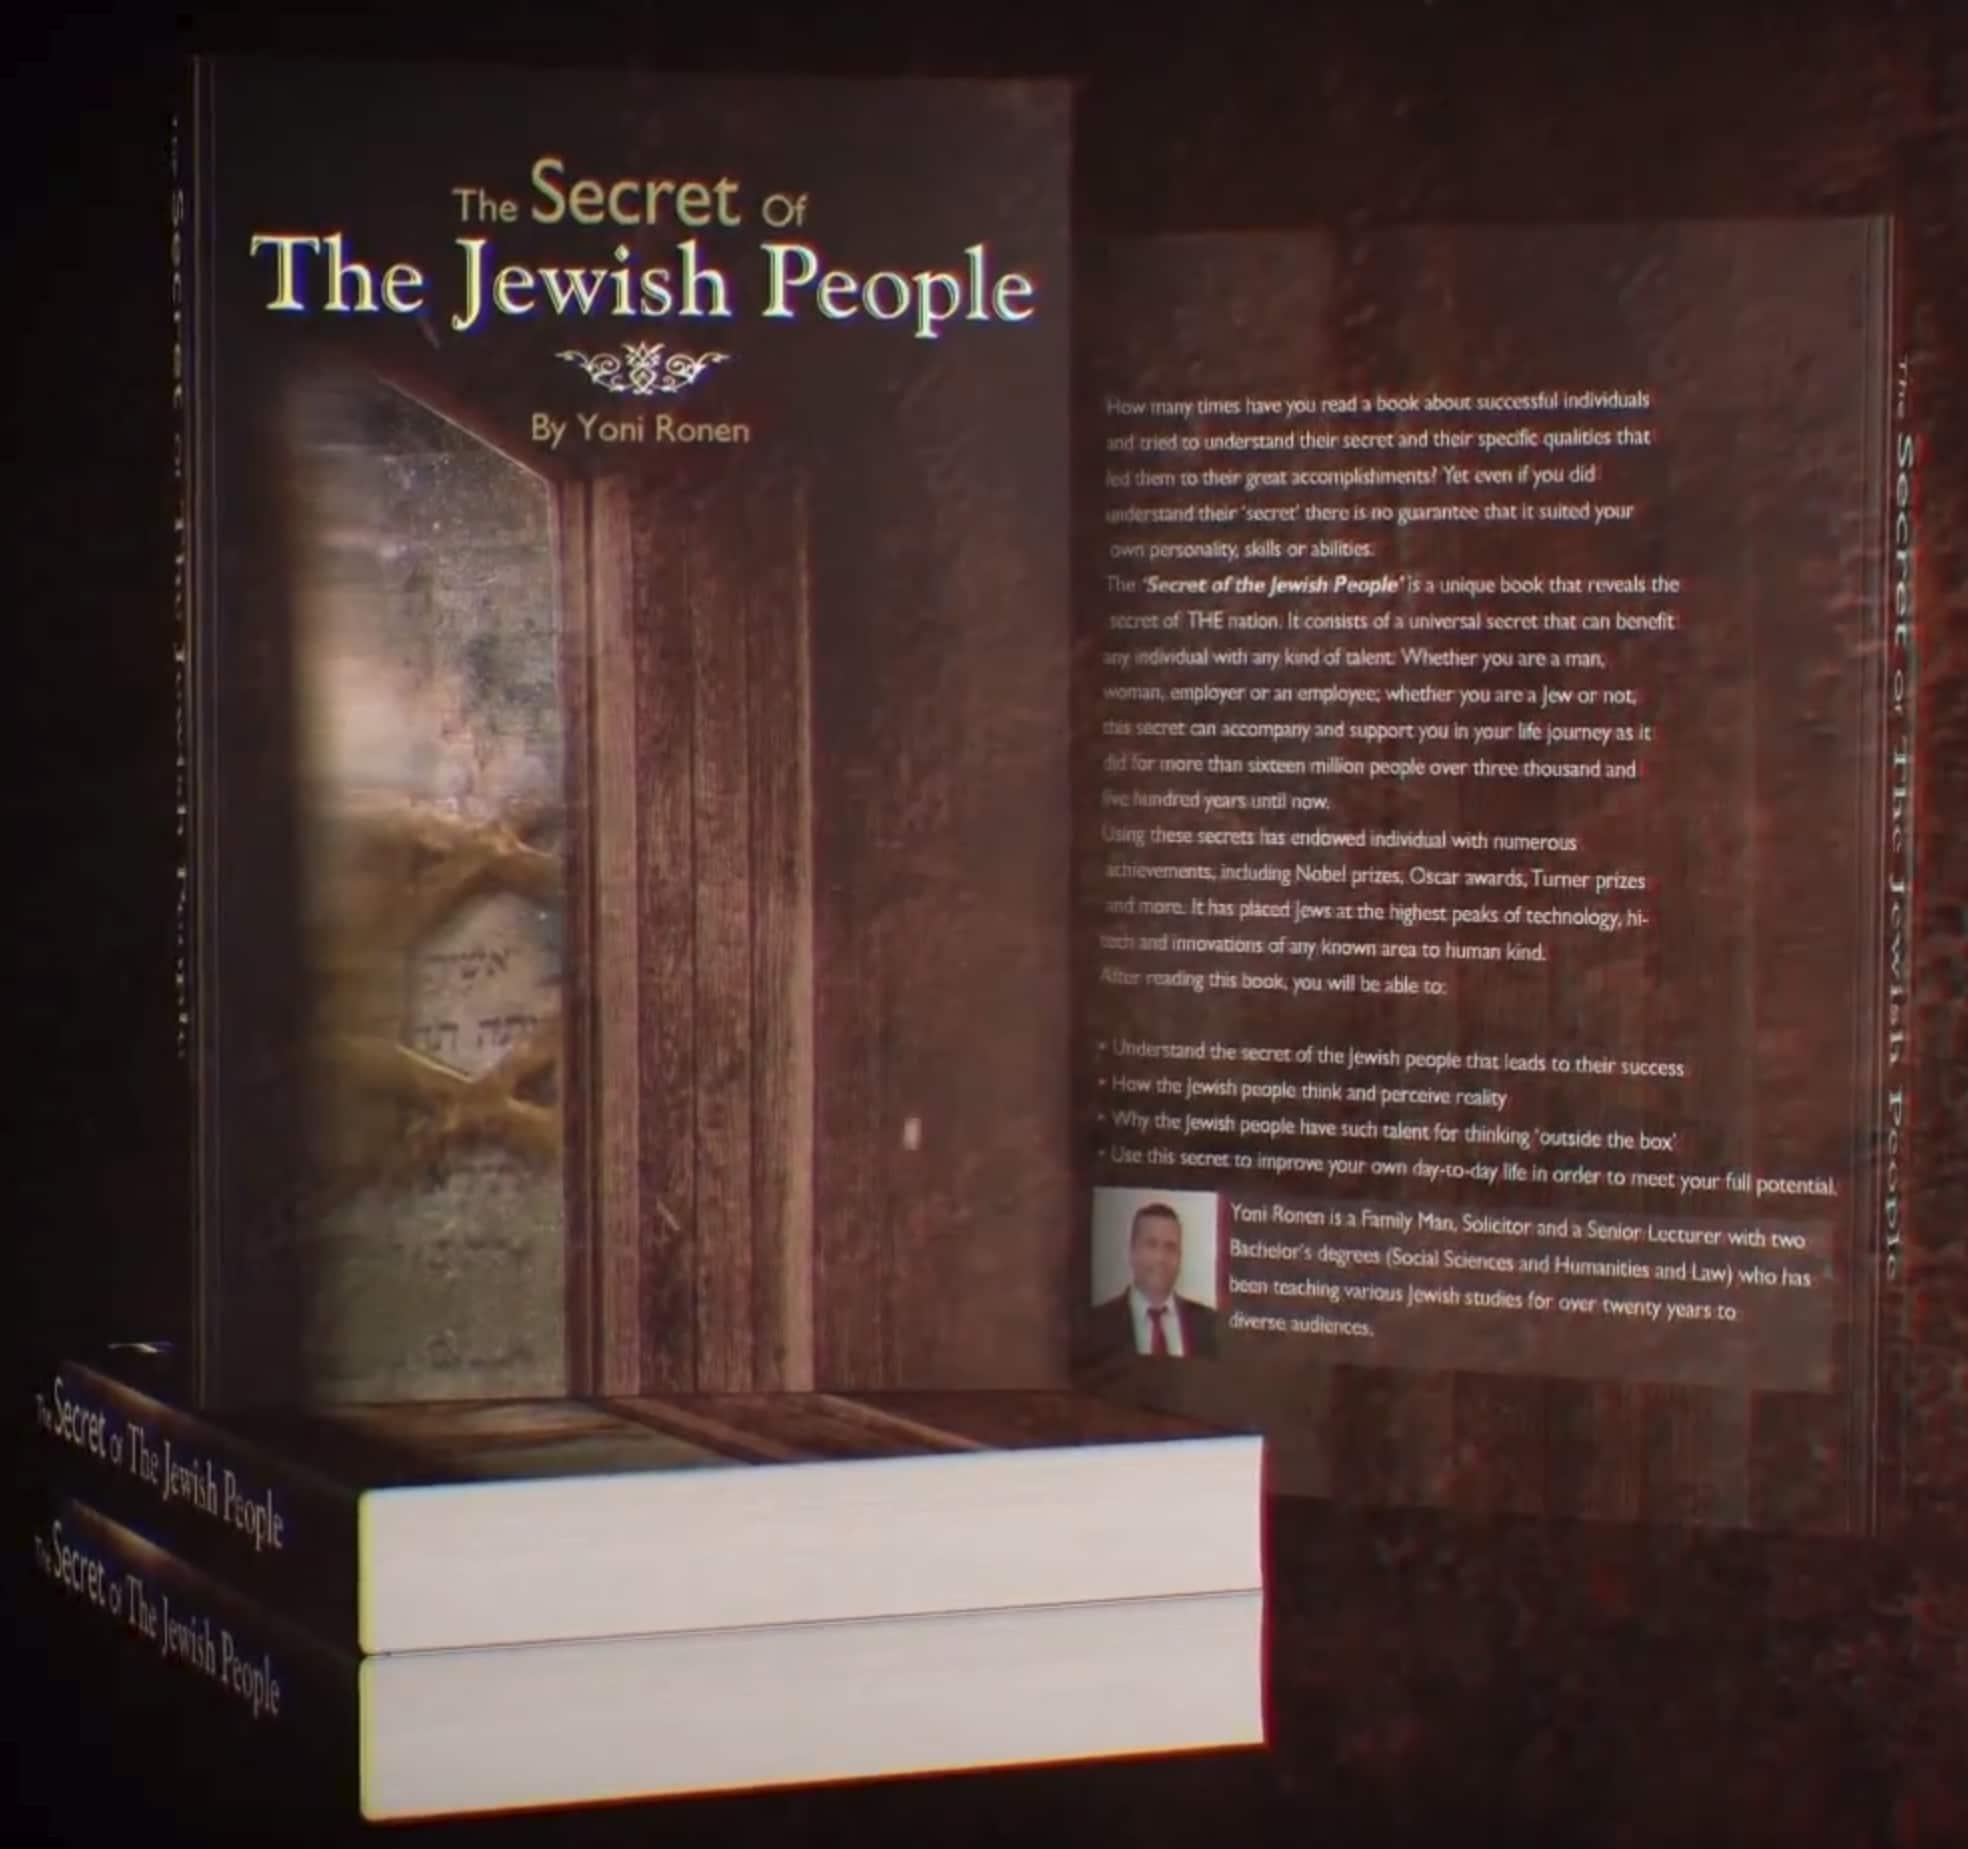 סודות העם היהודי